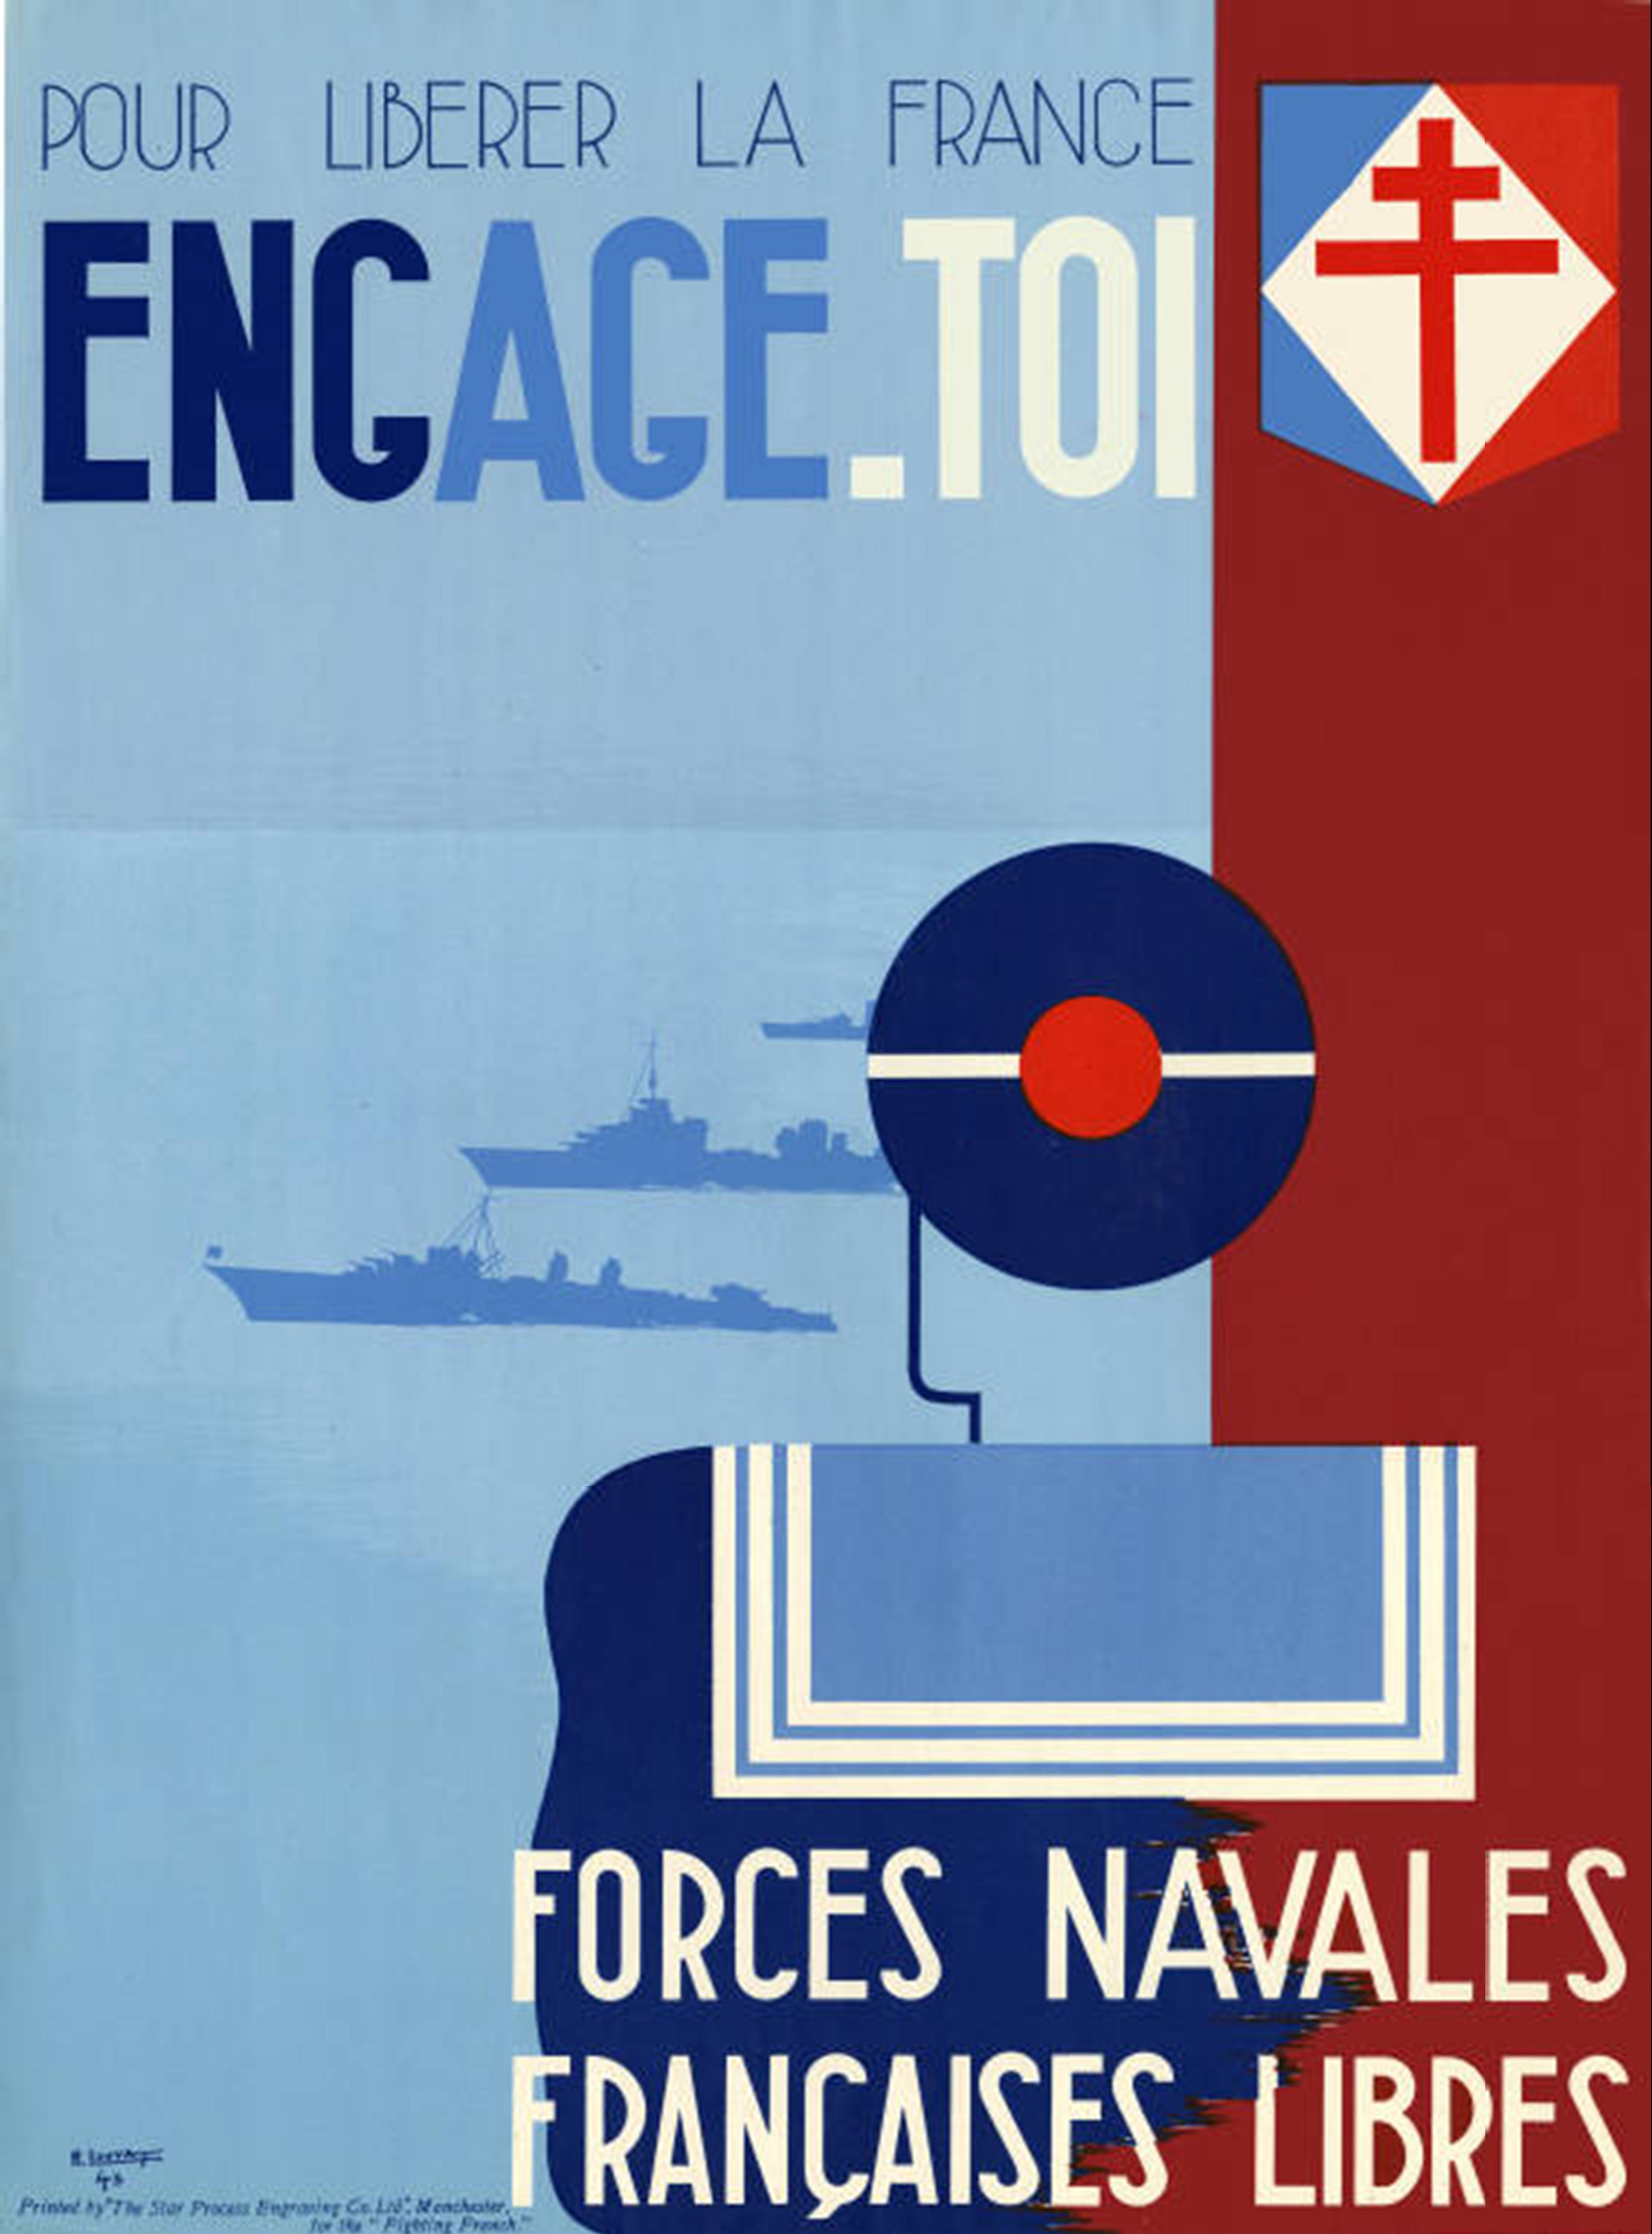 Liste des marins FNFL